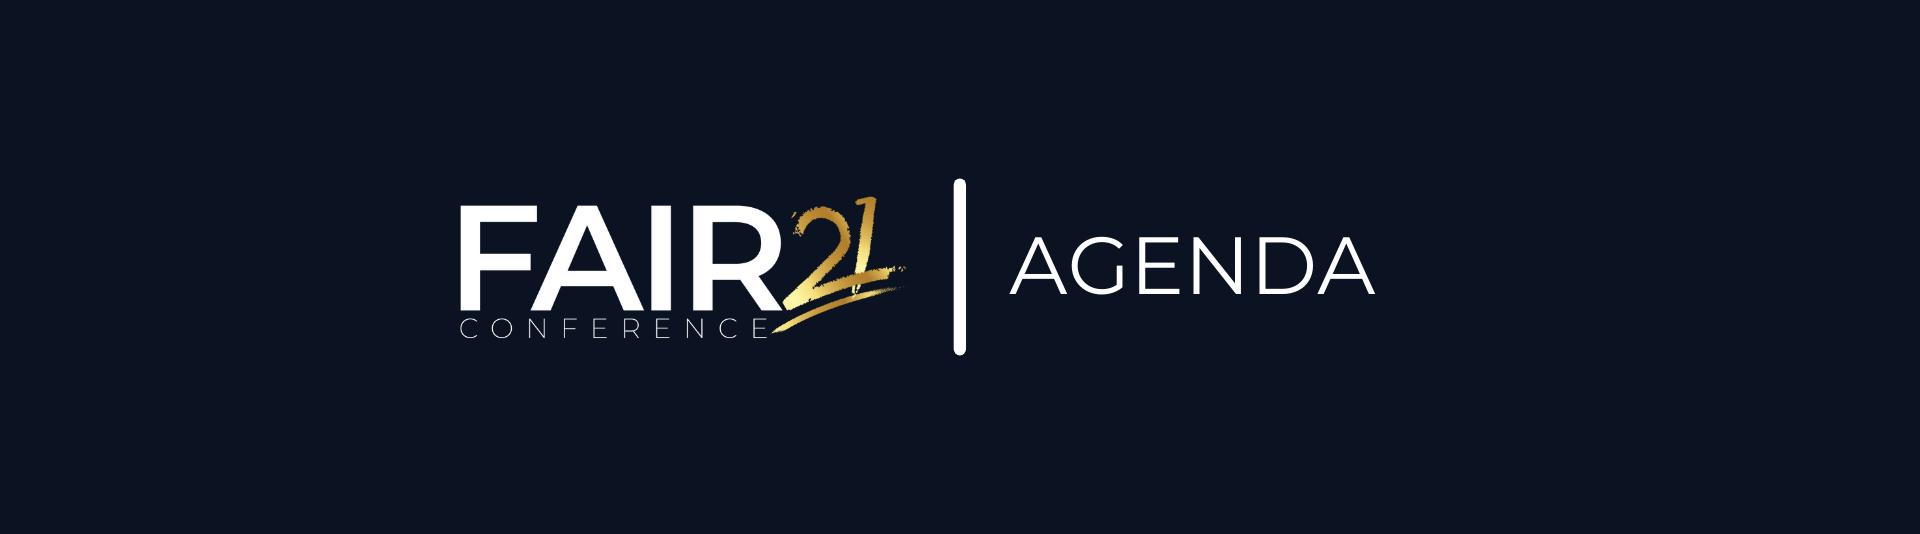 FC21 Agenda Header